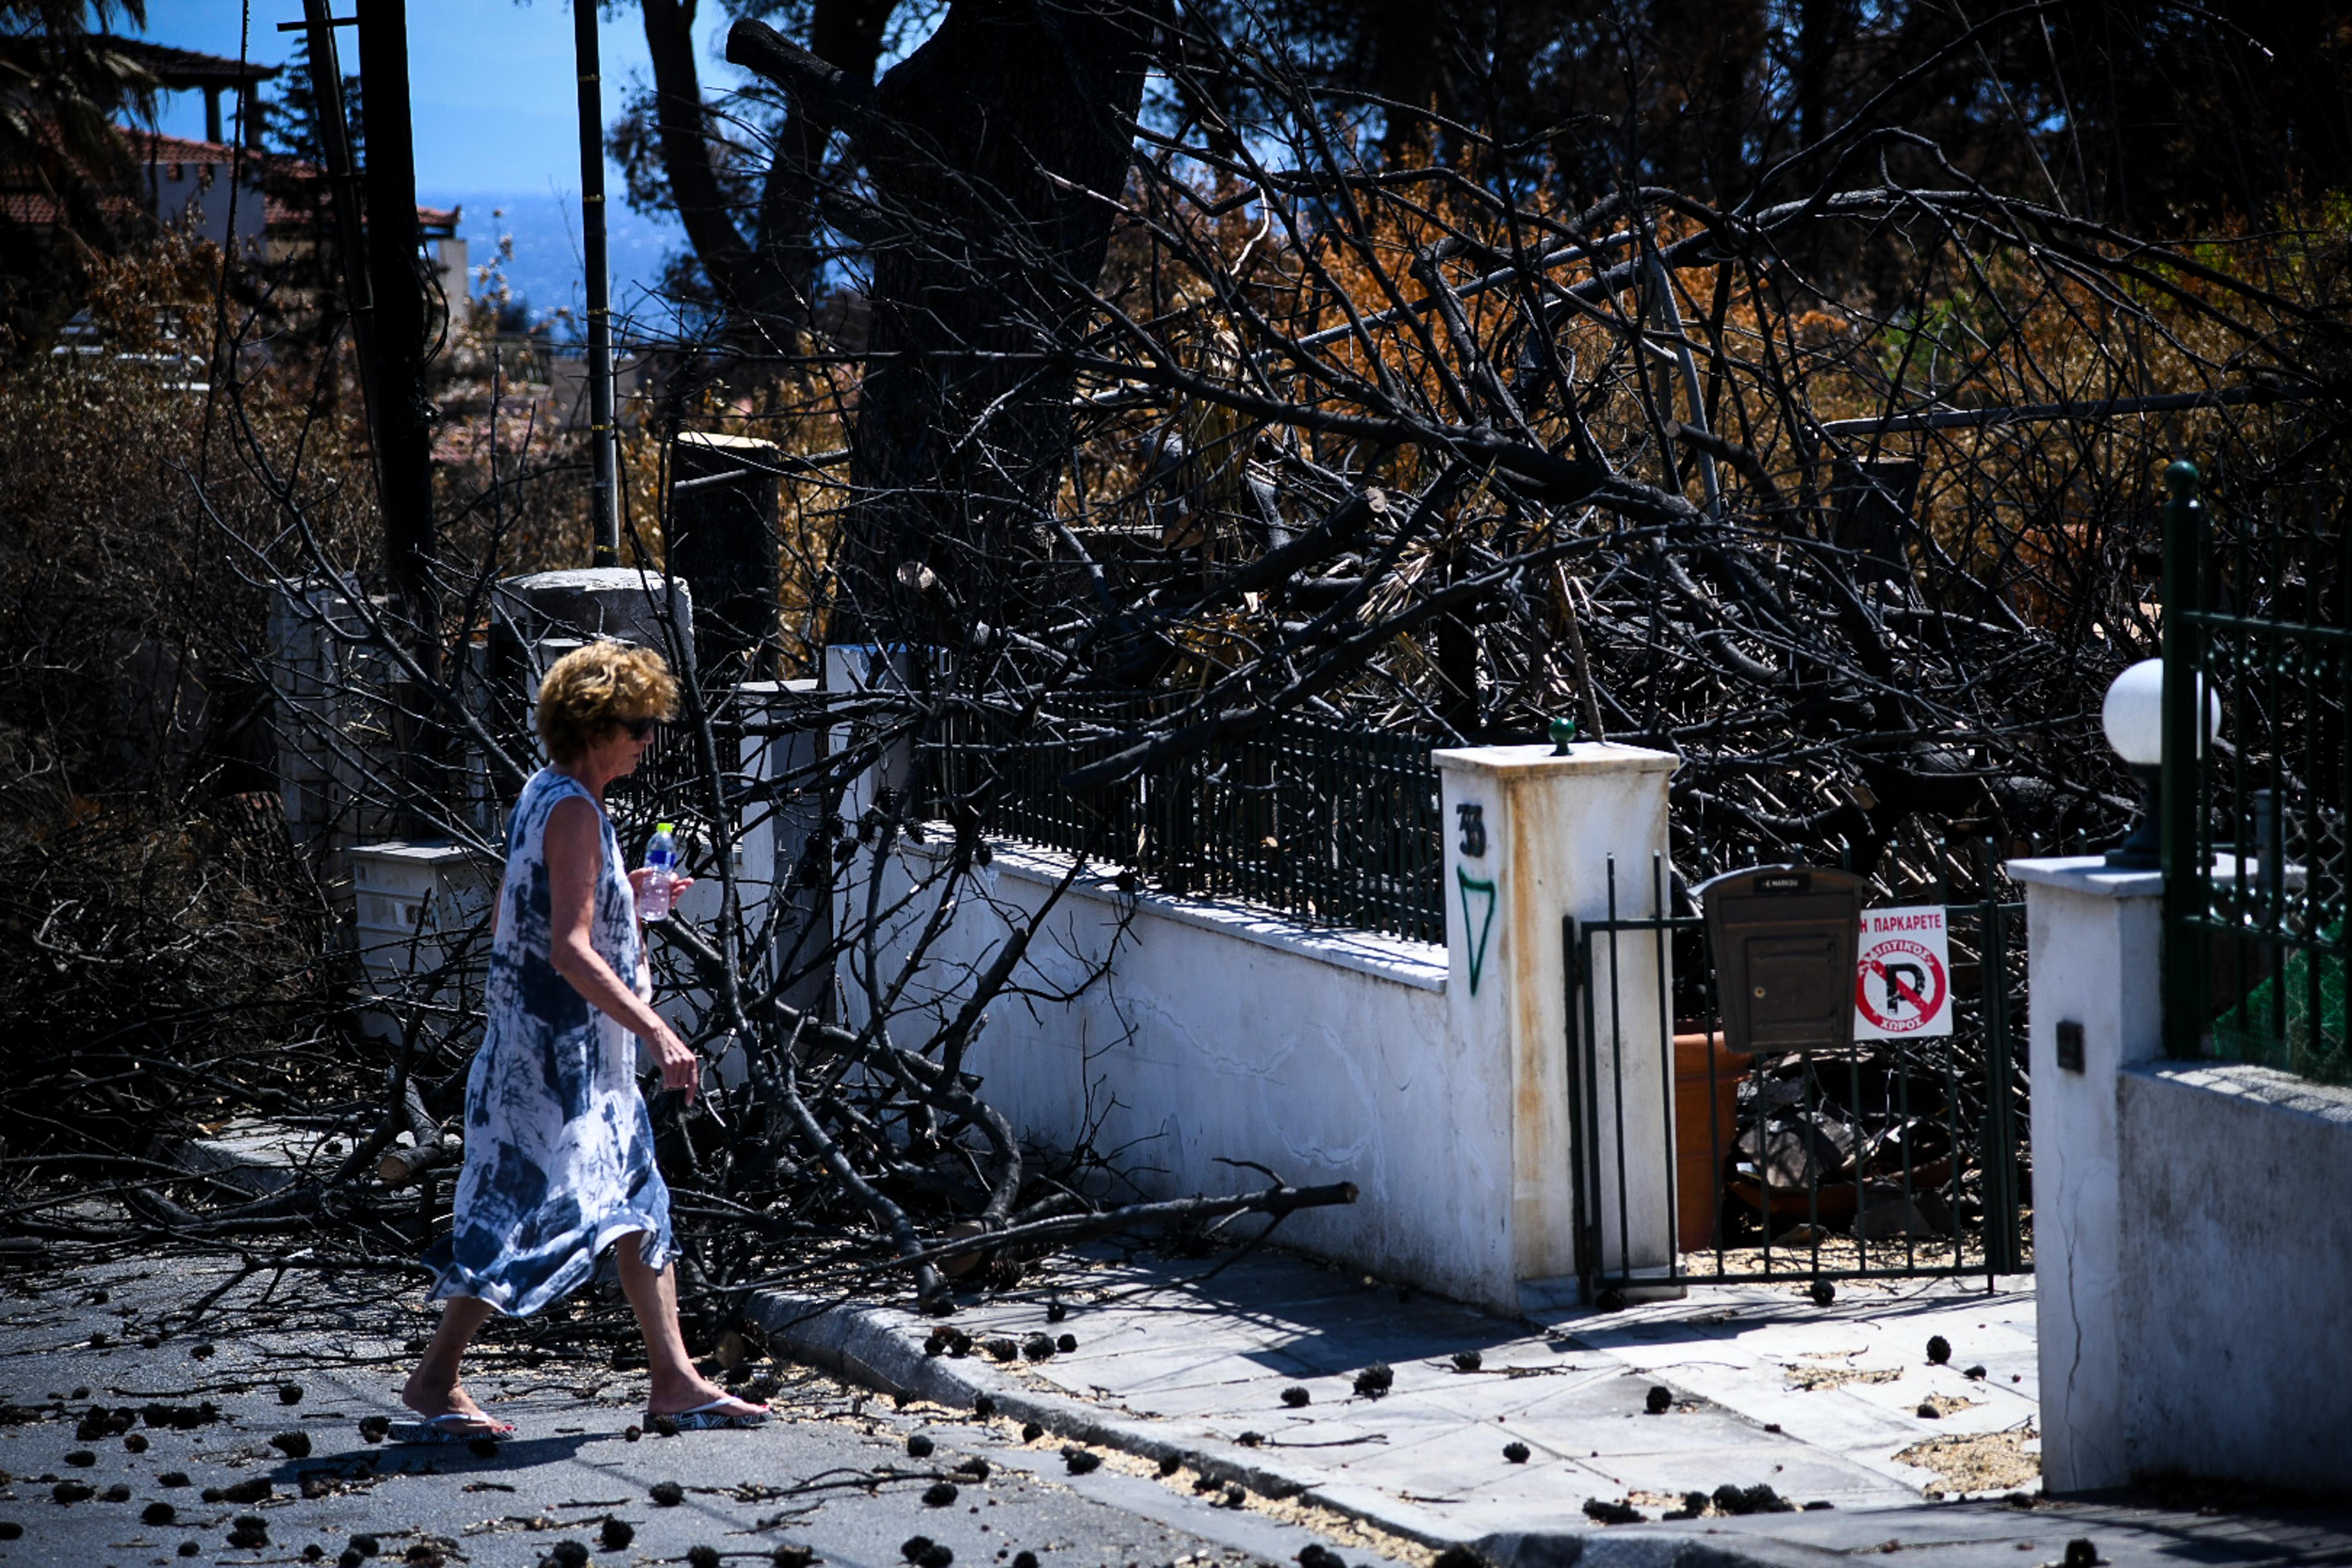 Καταβάλλεται το έκτακτο επίδομα στους πυρόπληκτους στο Μάτι | tovima.gr